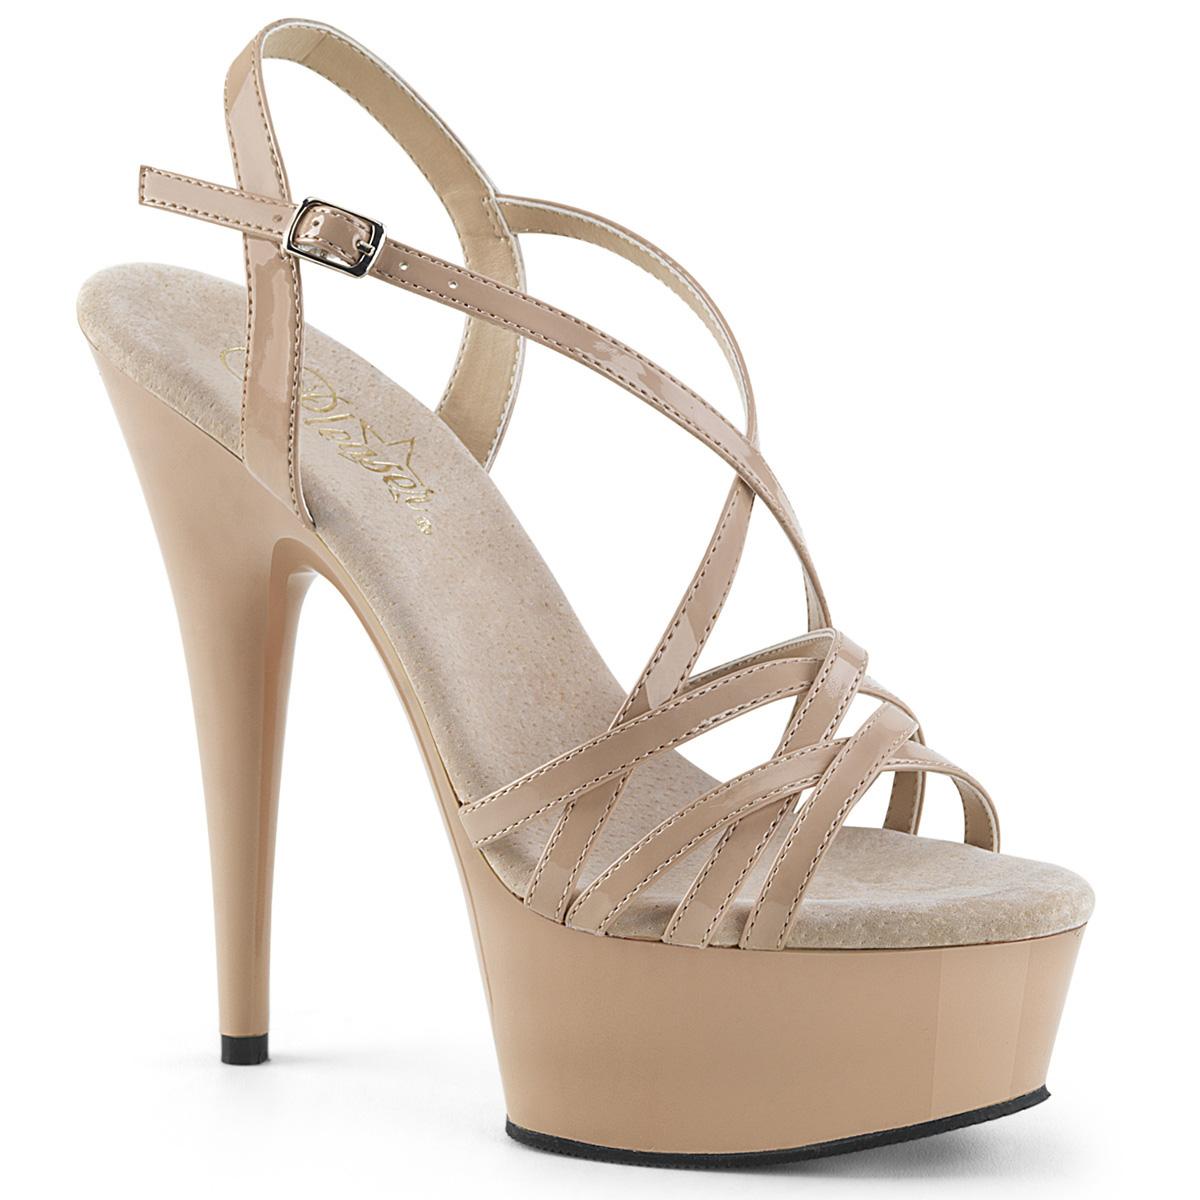 efeb3681b2d Platform High-Heeled Sandal DELIGHT-613 - Nude